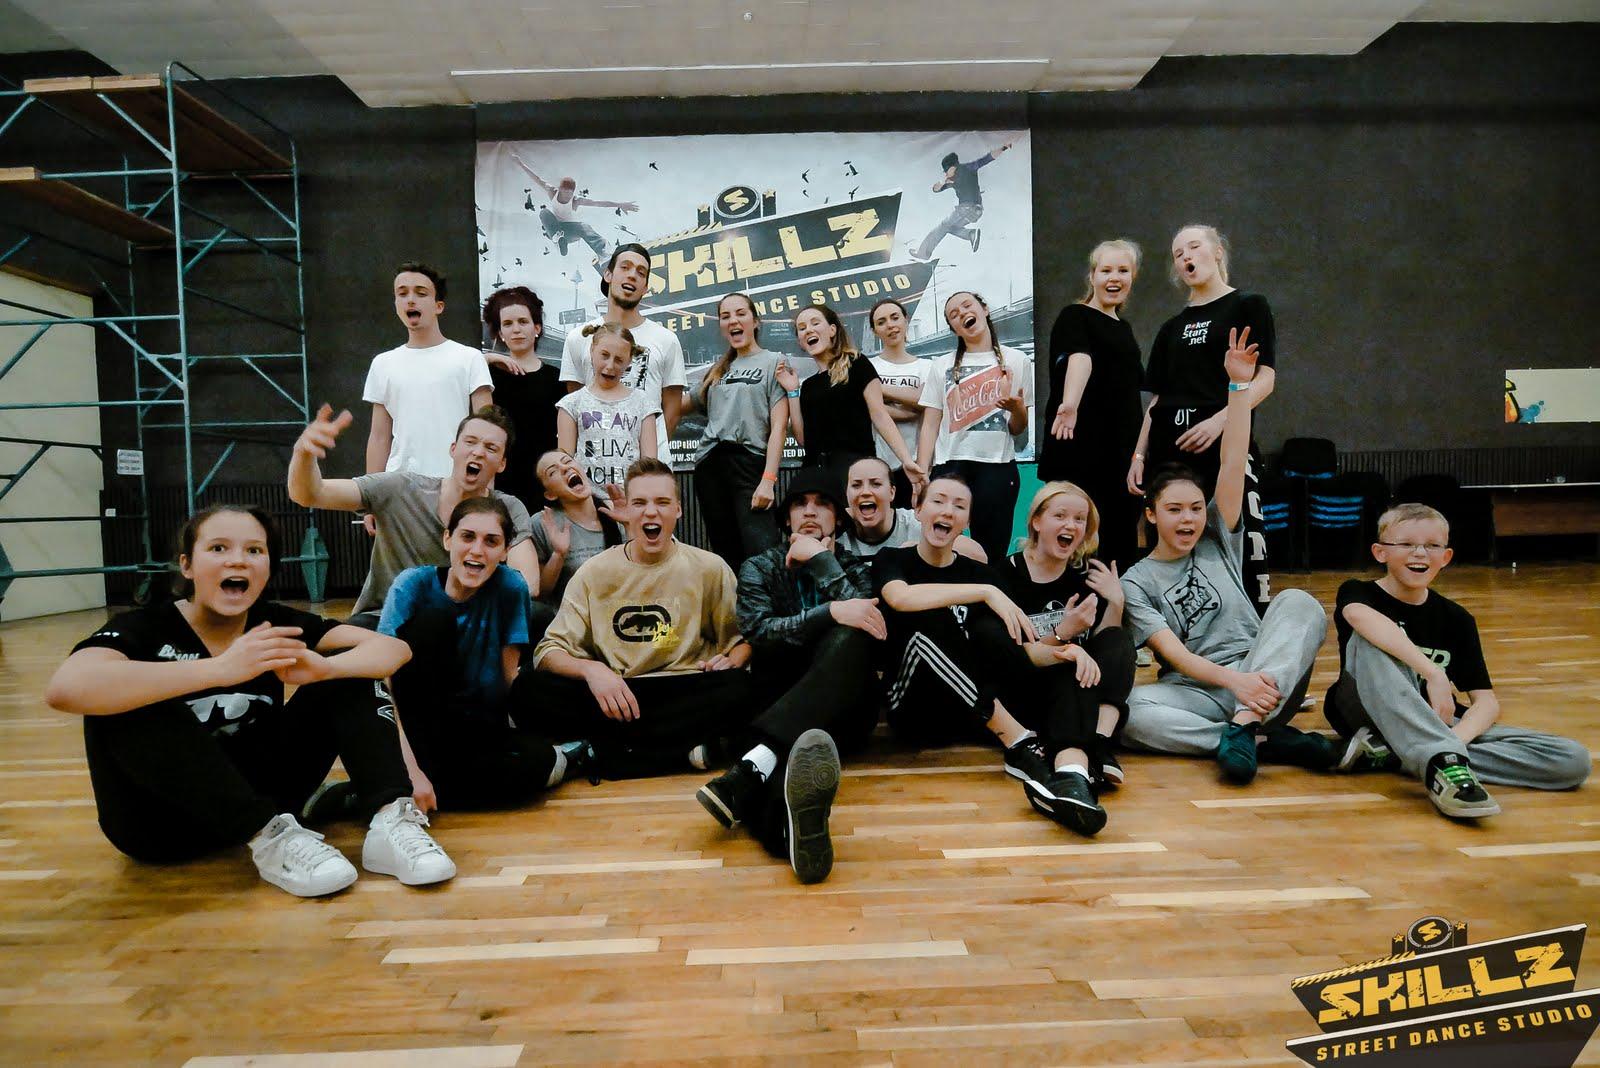 Hip hop seminaras su Jeka iš Maskvos - _1050275.jpg